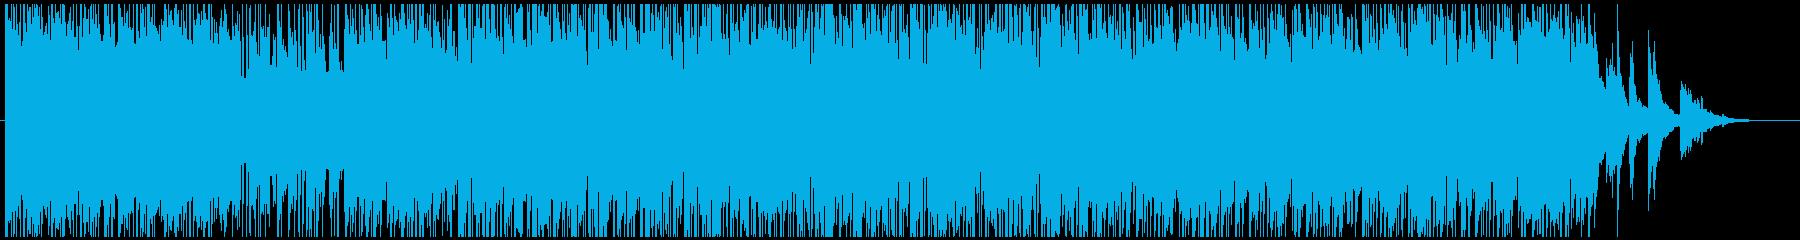 伝統的 ジャズ ビバップ アクティ...の再生済みの波形